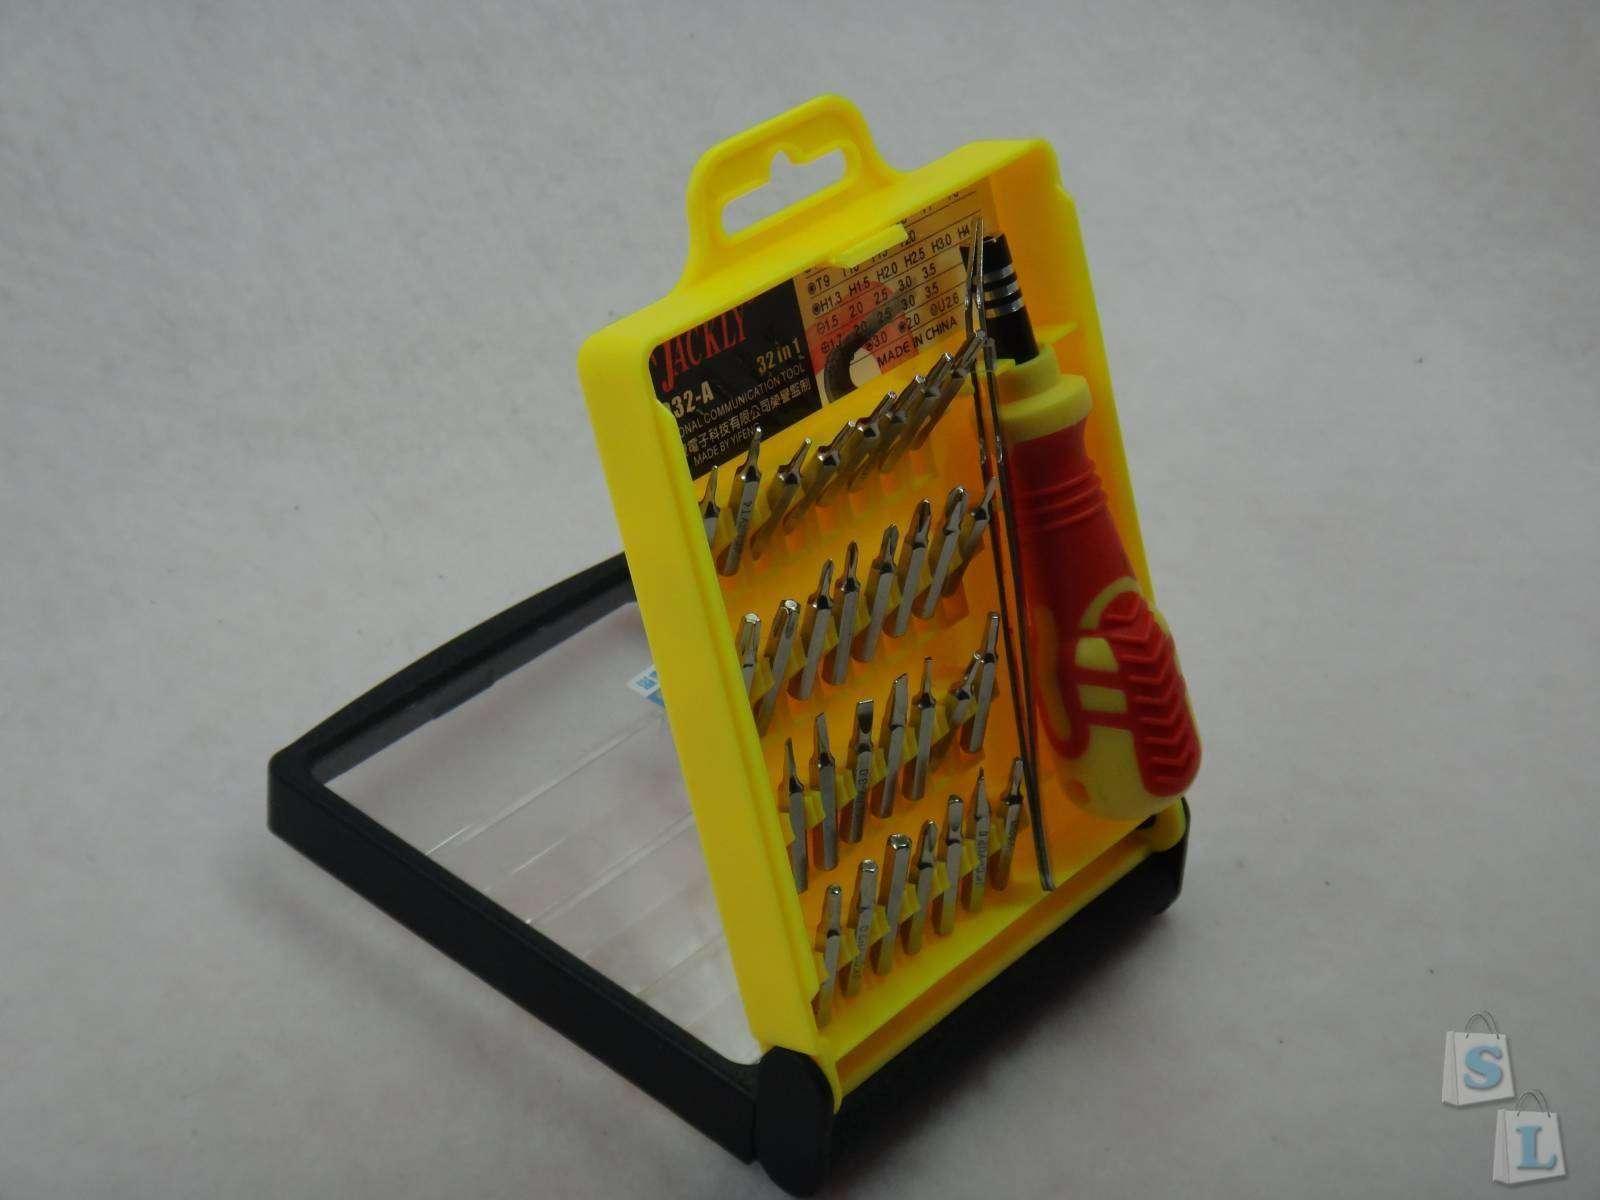 DD4: Набор Jackly JK 6032A для ремонта из 32 бит, пинцета и удобной отвертки в качественном кейсе.